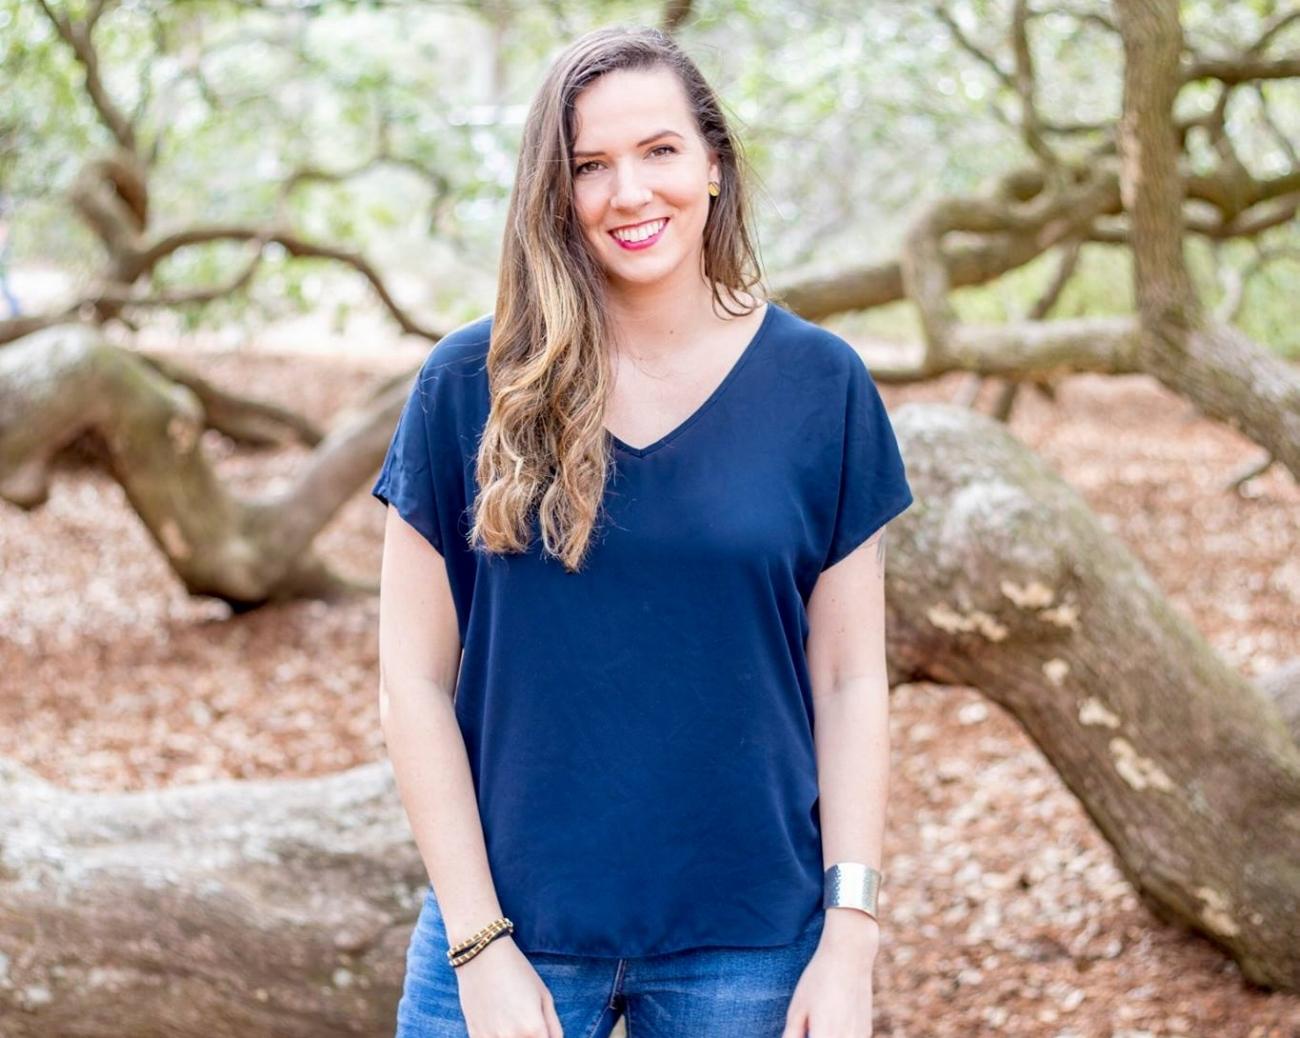 Kate Blohm Headshot.jpg